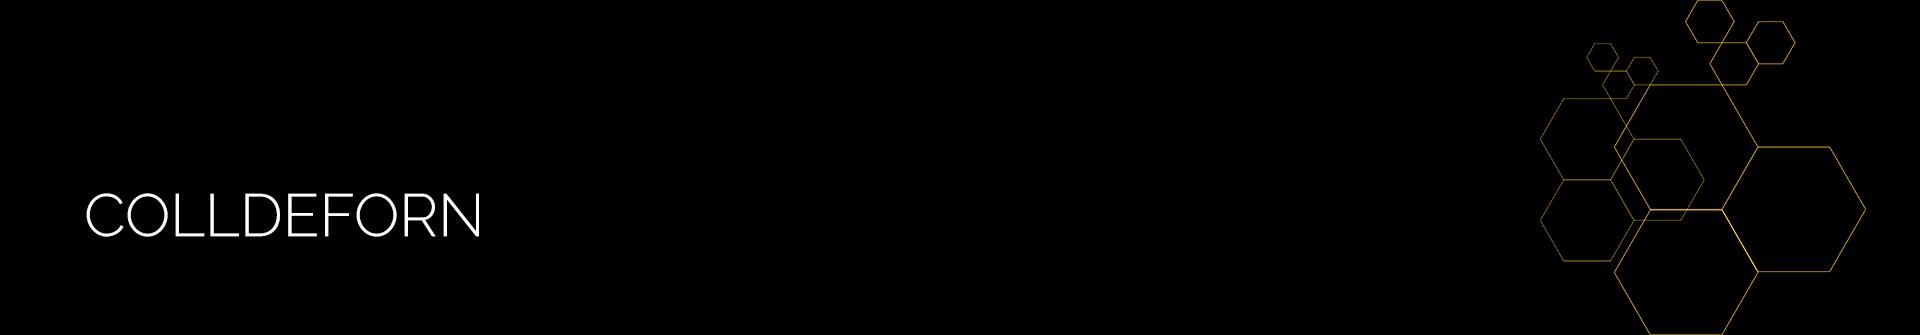 Colldeforn